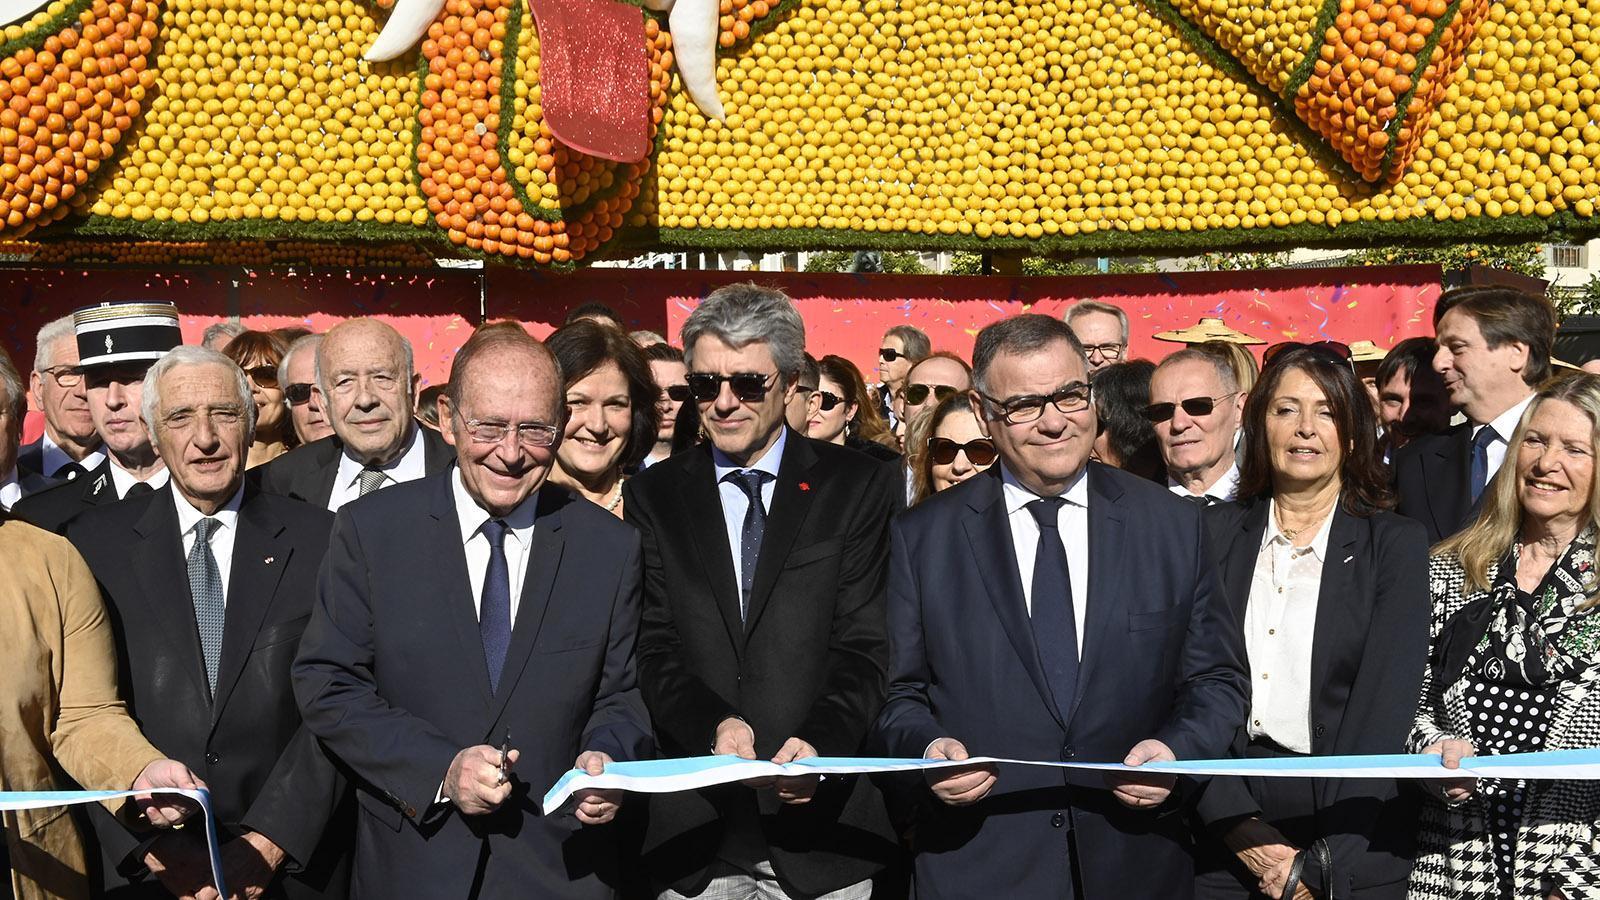 Bürgermeister Jean-Claude Guibal (3.v.) und Präfekt Bernard Gonzalez haben die Fête zu Citron mit einem offiziellen Scherenschnitt eröffnet. Foto: Hilke Maunder